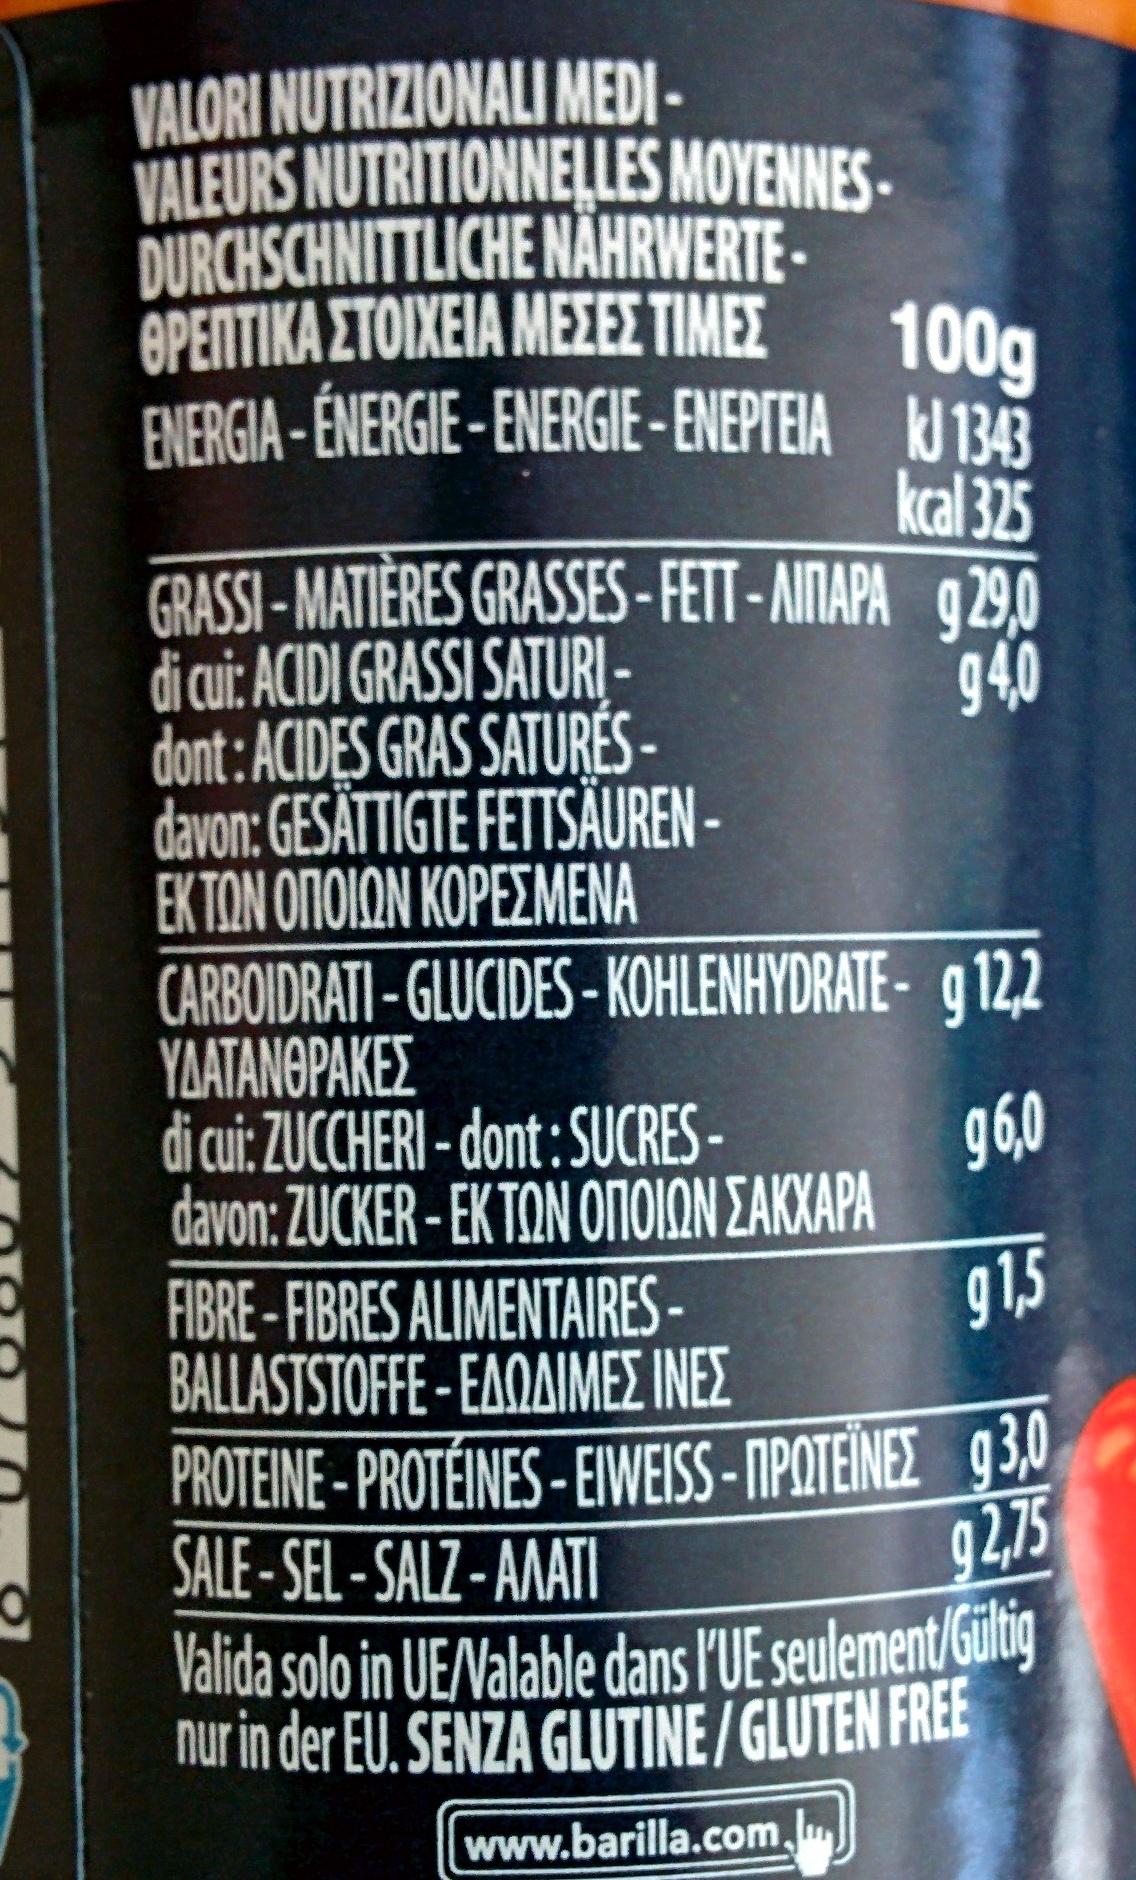 Pesto Alla Calabrese - Valori nutrizionali - de